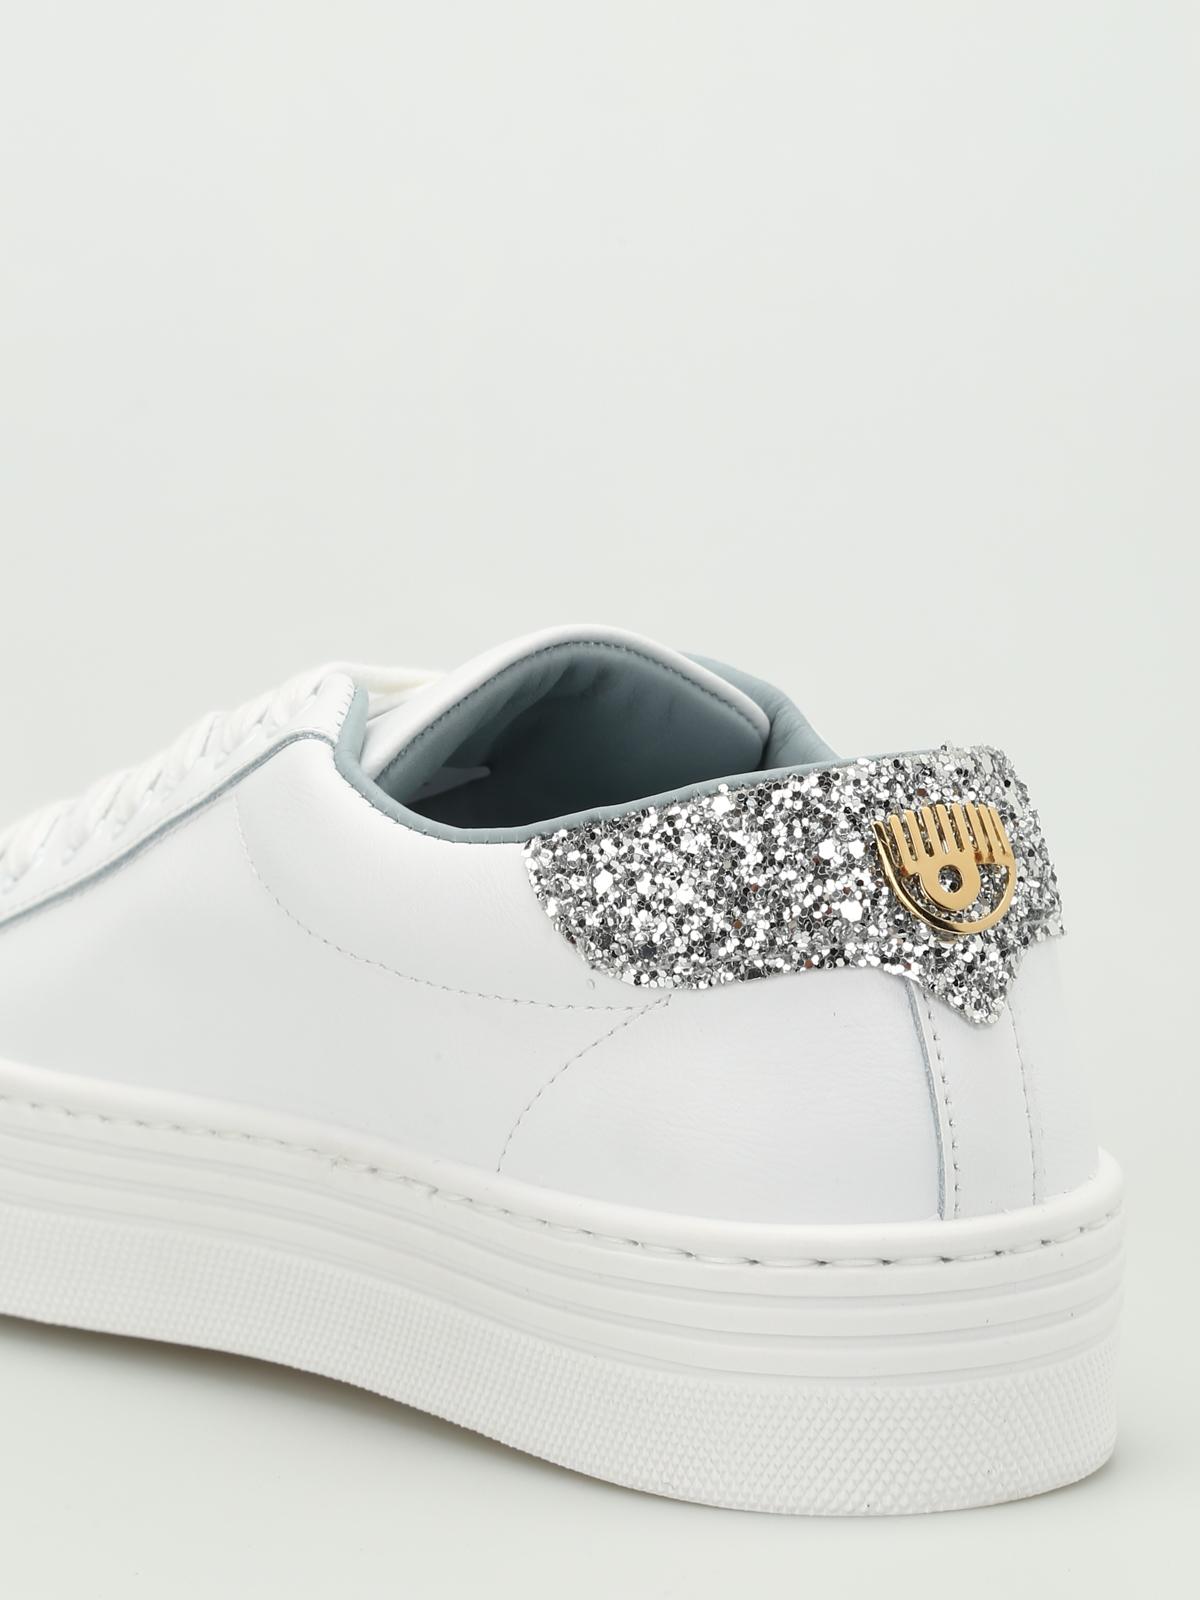 Chiara Ferragni Shoes Online Shop